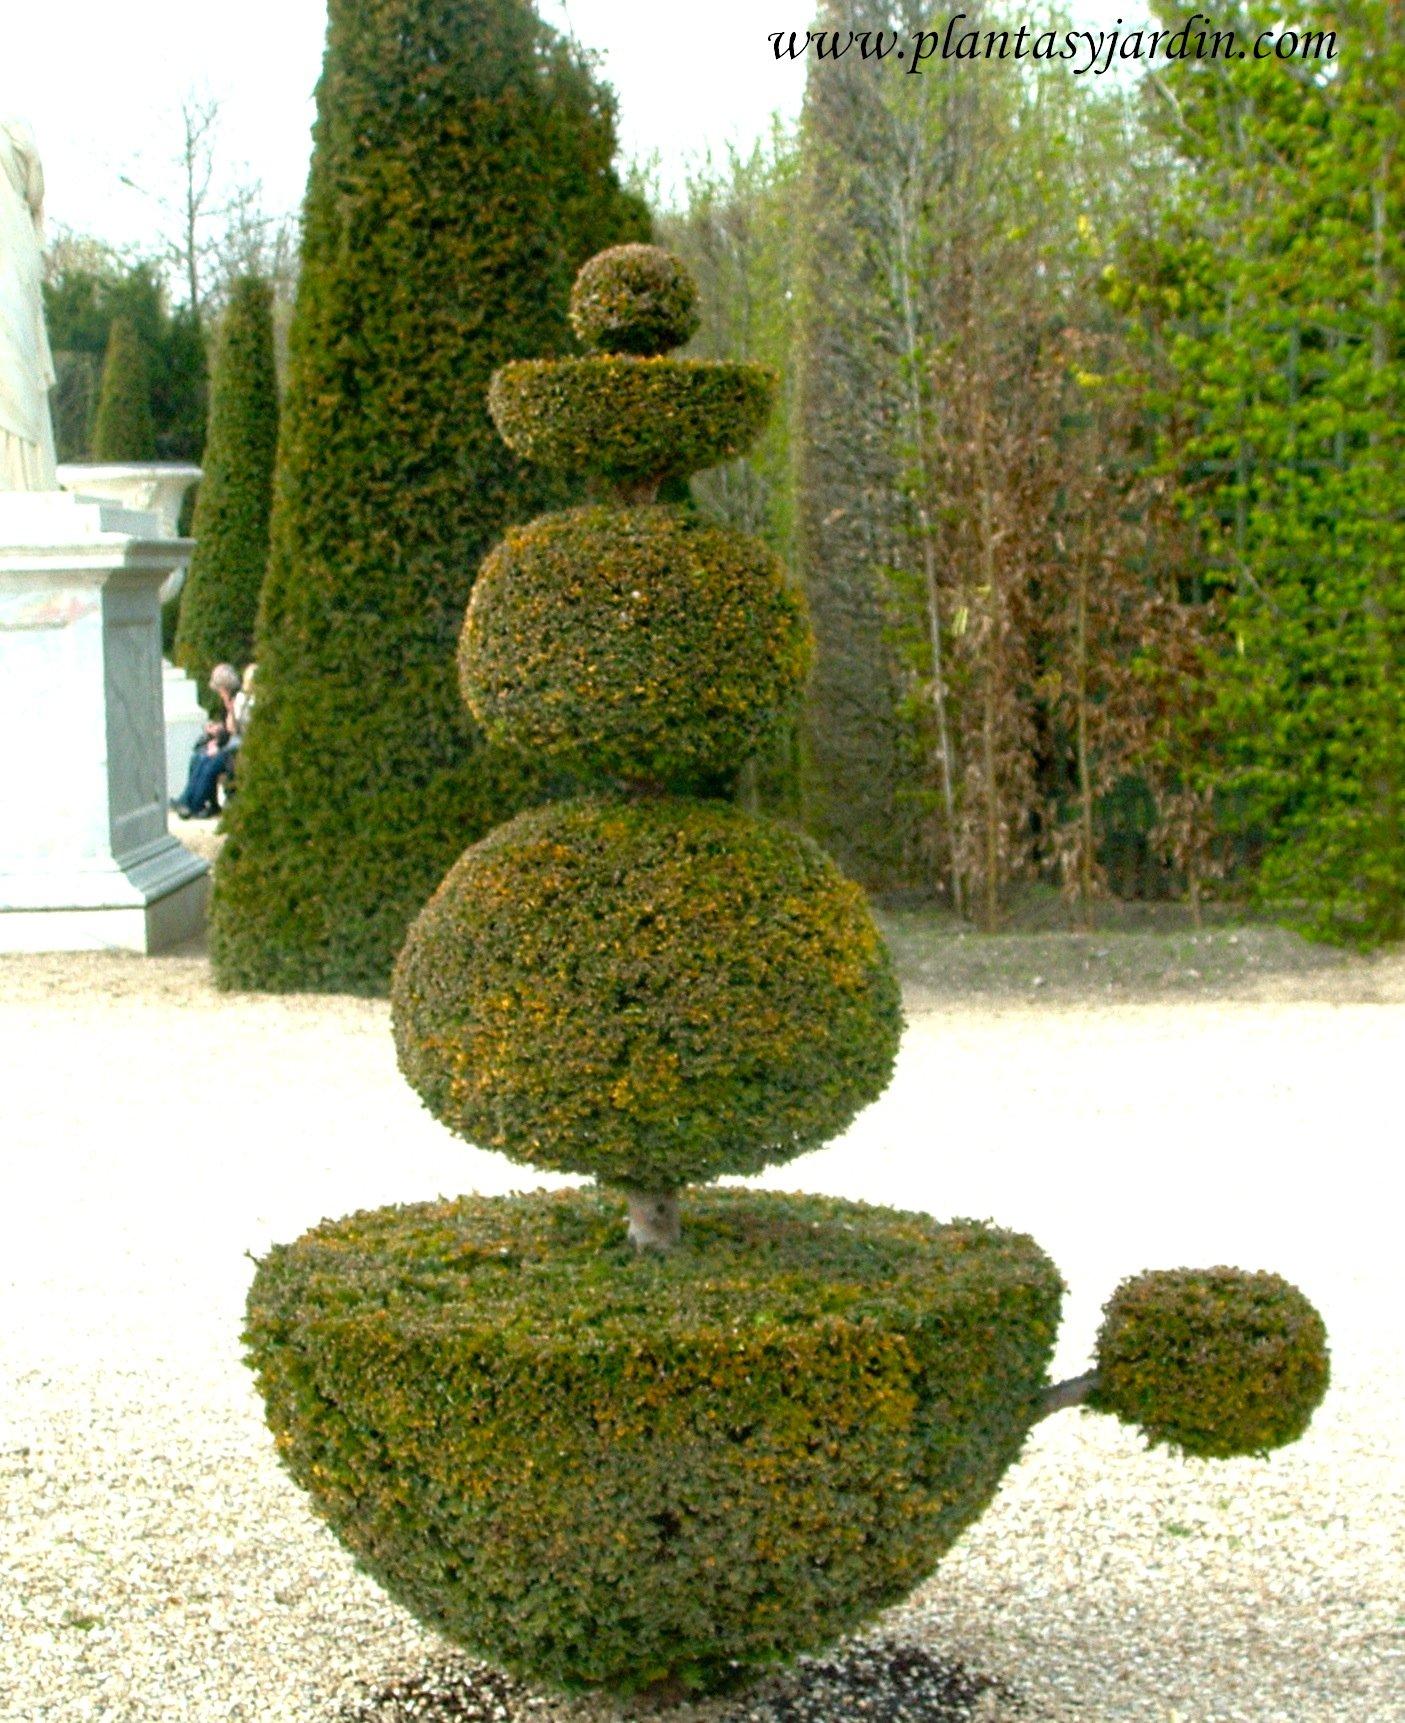 figuras geométricas en arte topiario en los Jardines de Versalles.